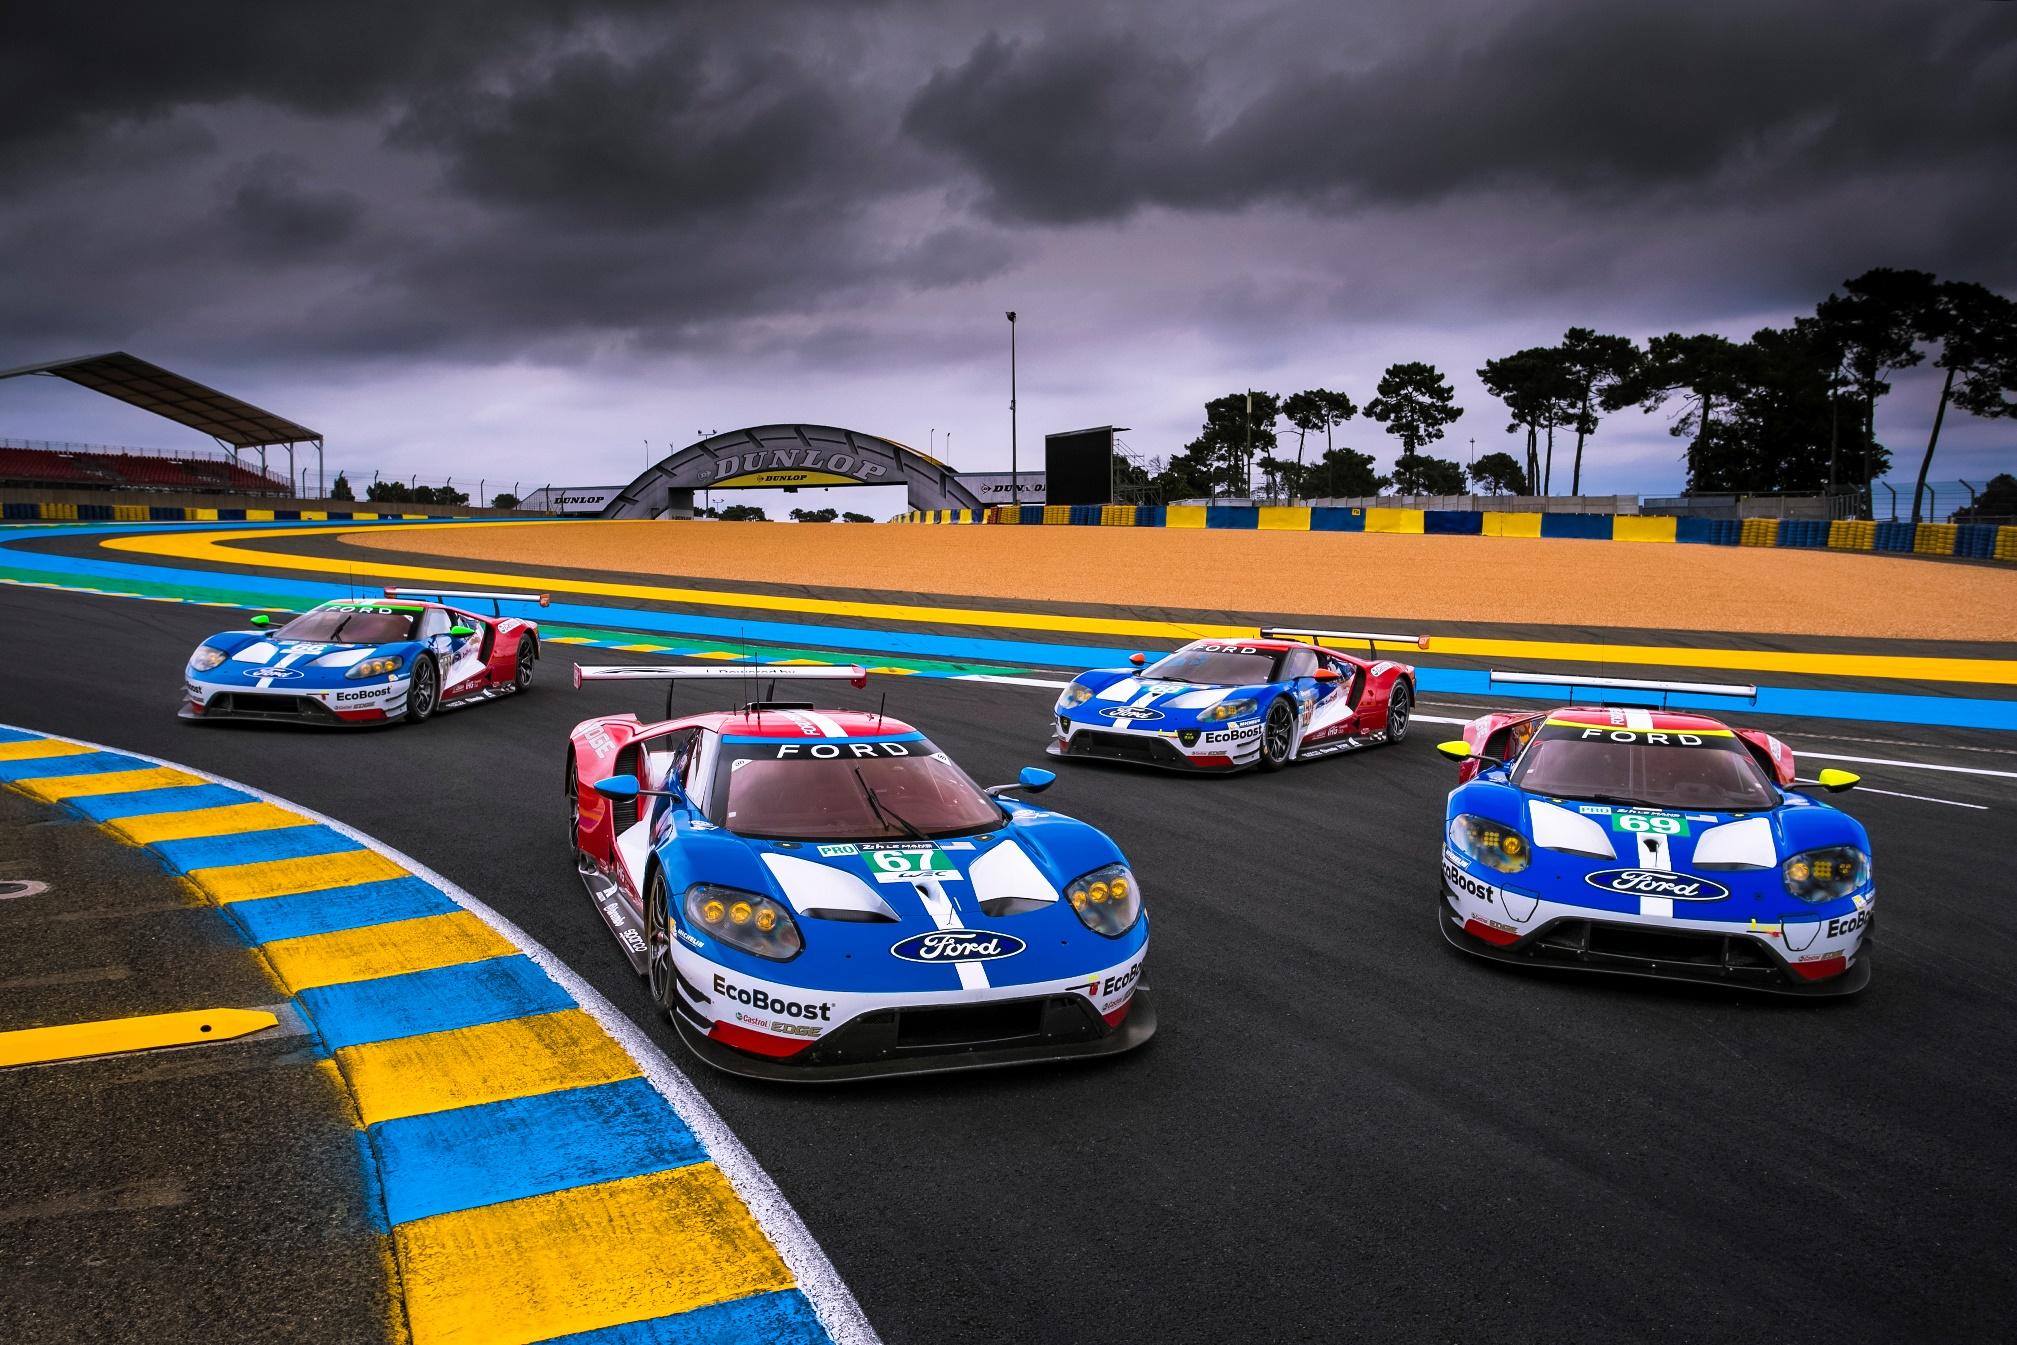 ��.�T_福特gt赛车即将开启2017勒芒24小时耐力赛卫冕征程